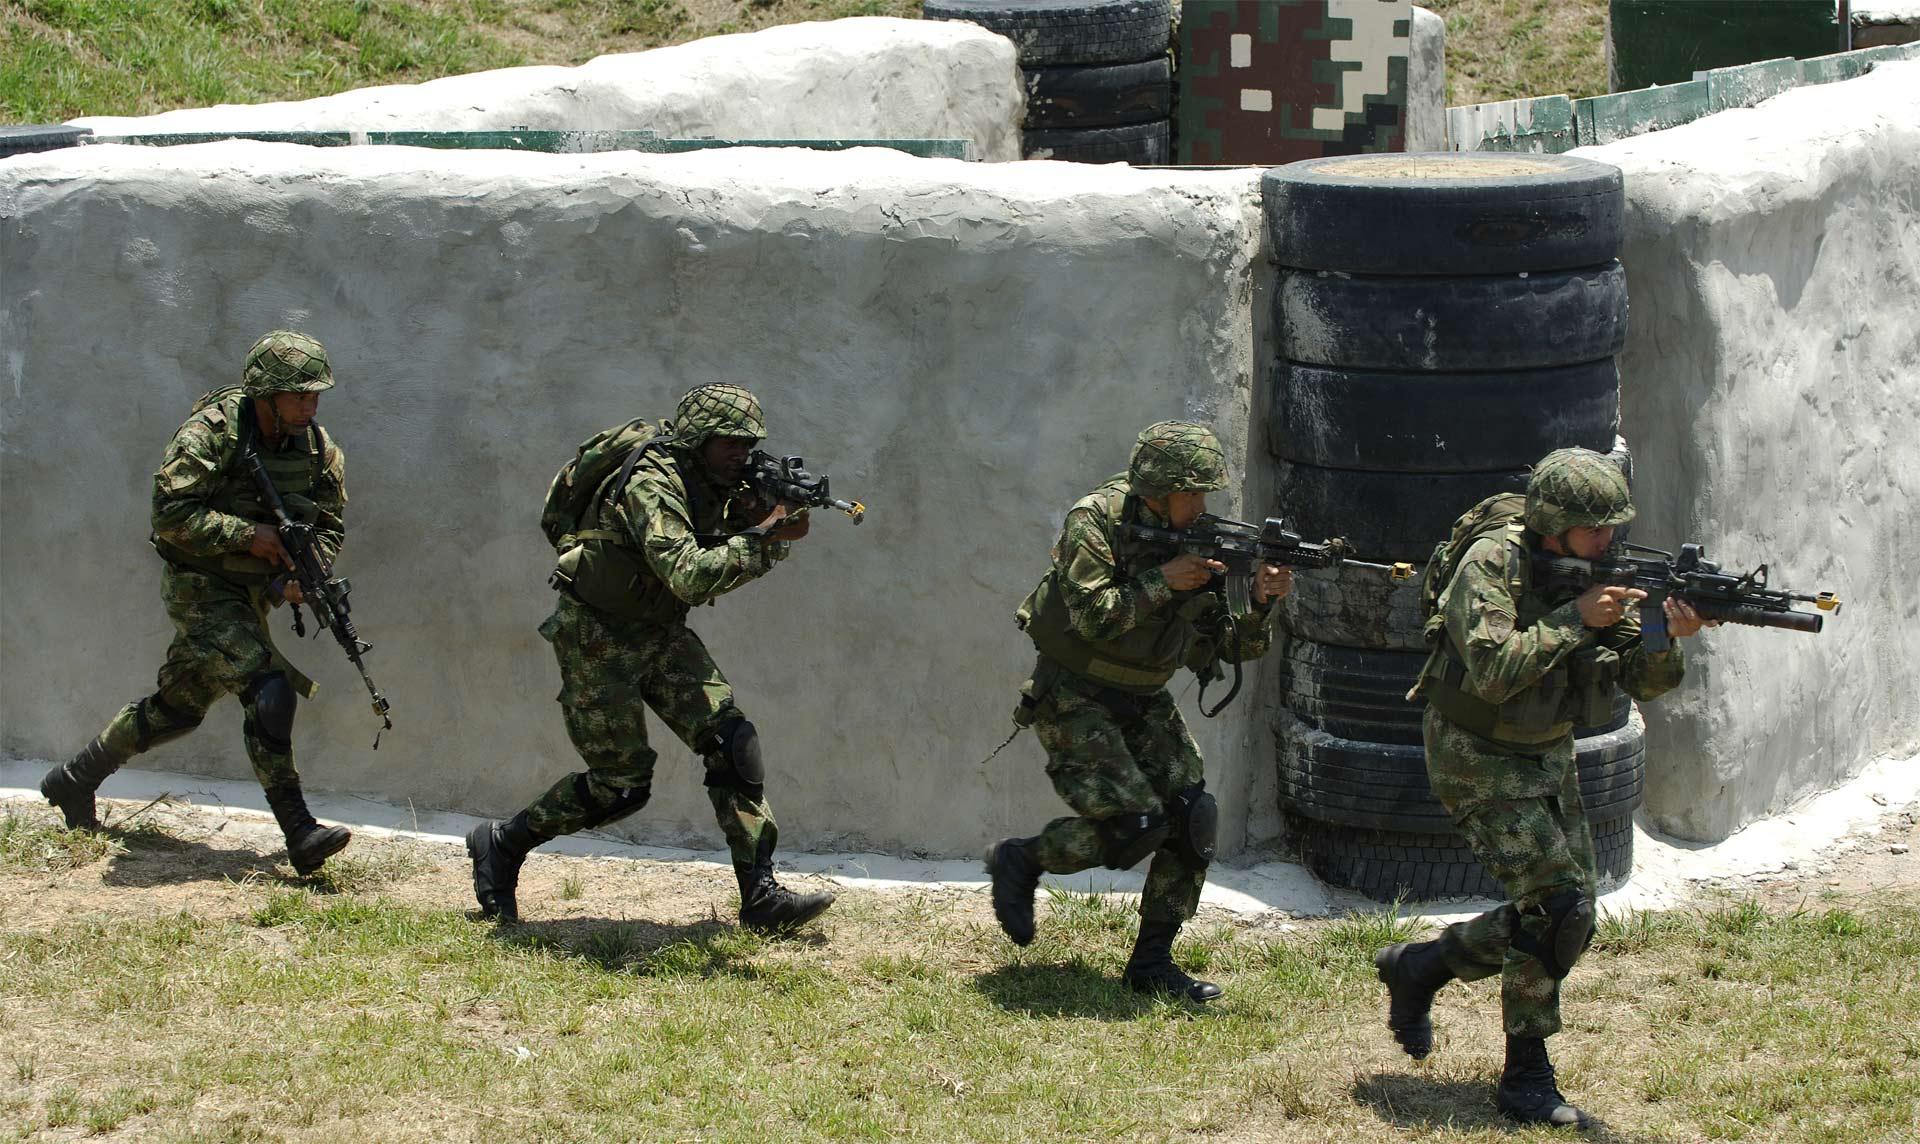 Murieron por la activación de un explosivo en el departamento de Norte de Santander, en Colombia, informaron fuentes oficiales